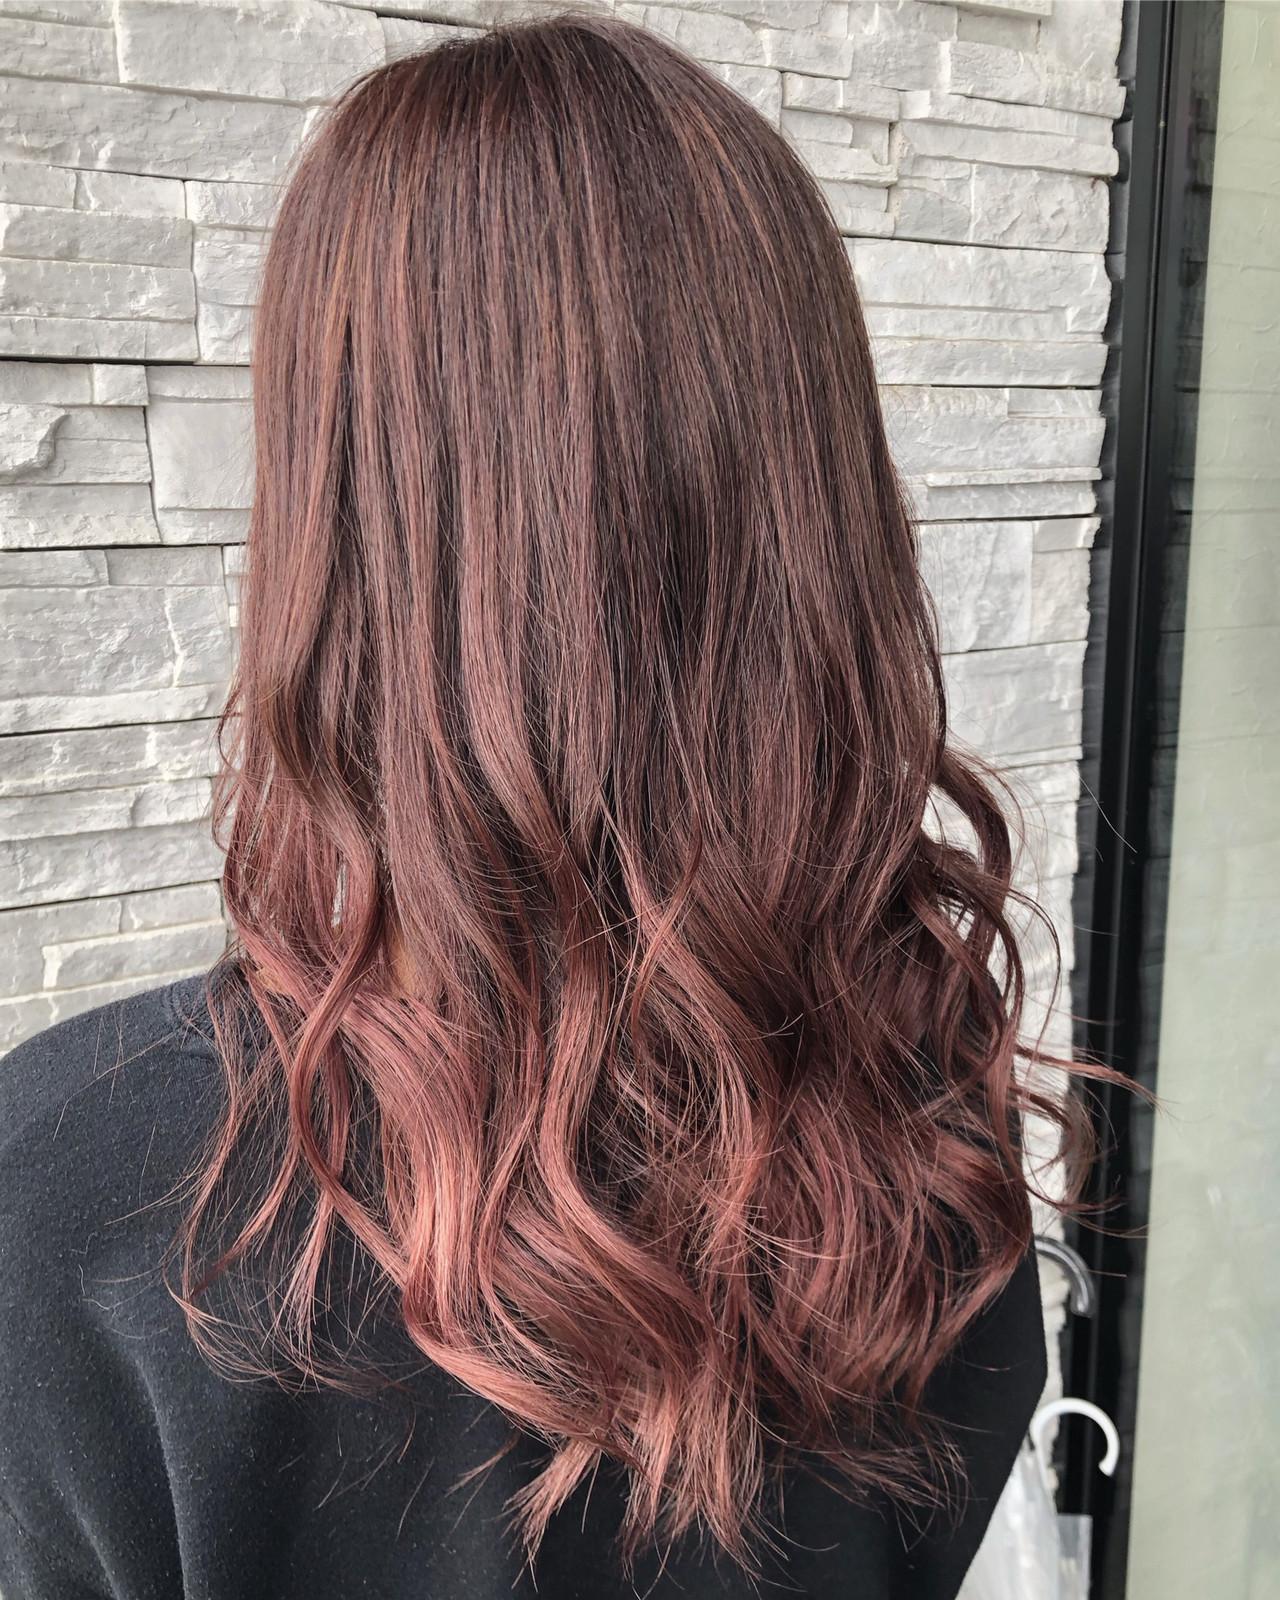 柔らかウェーブに映えるベビーピンクのグラデーション 白井香織art to hair